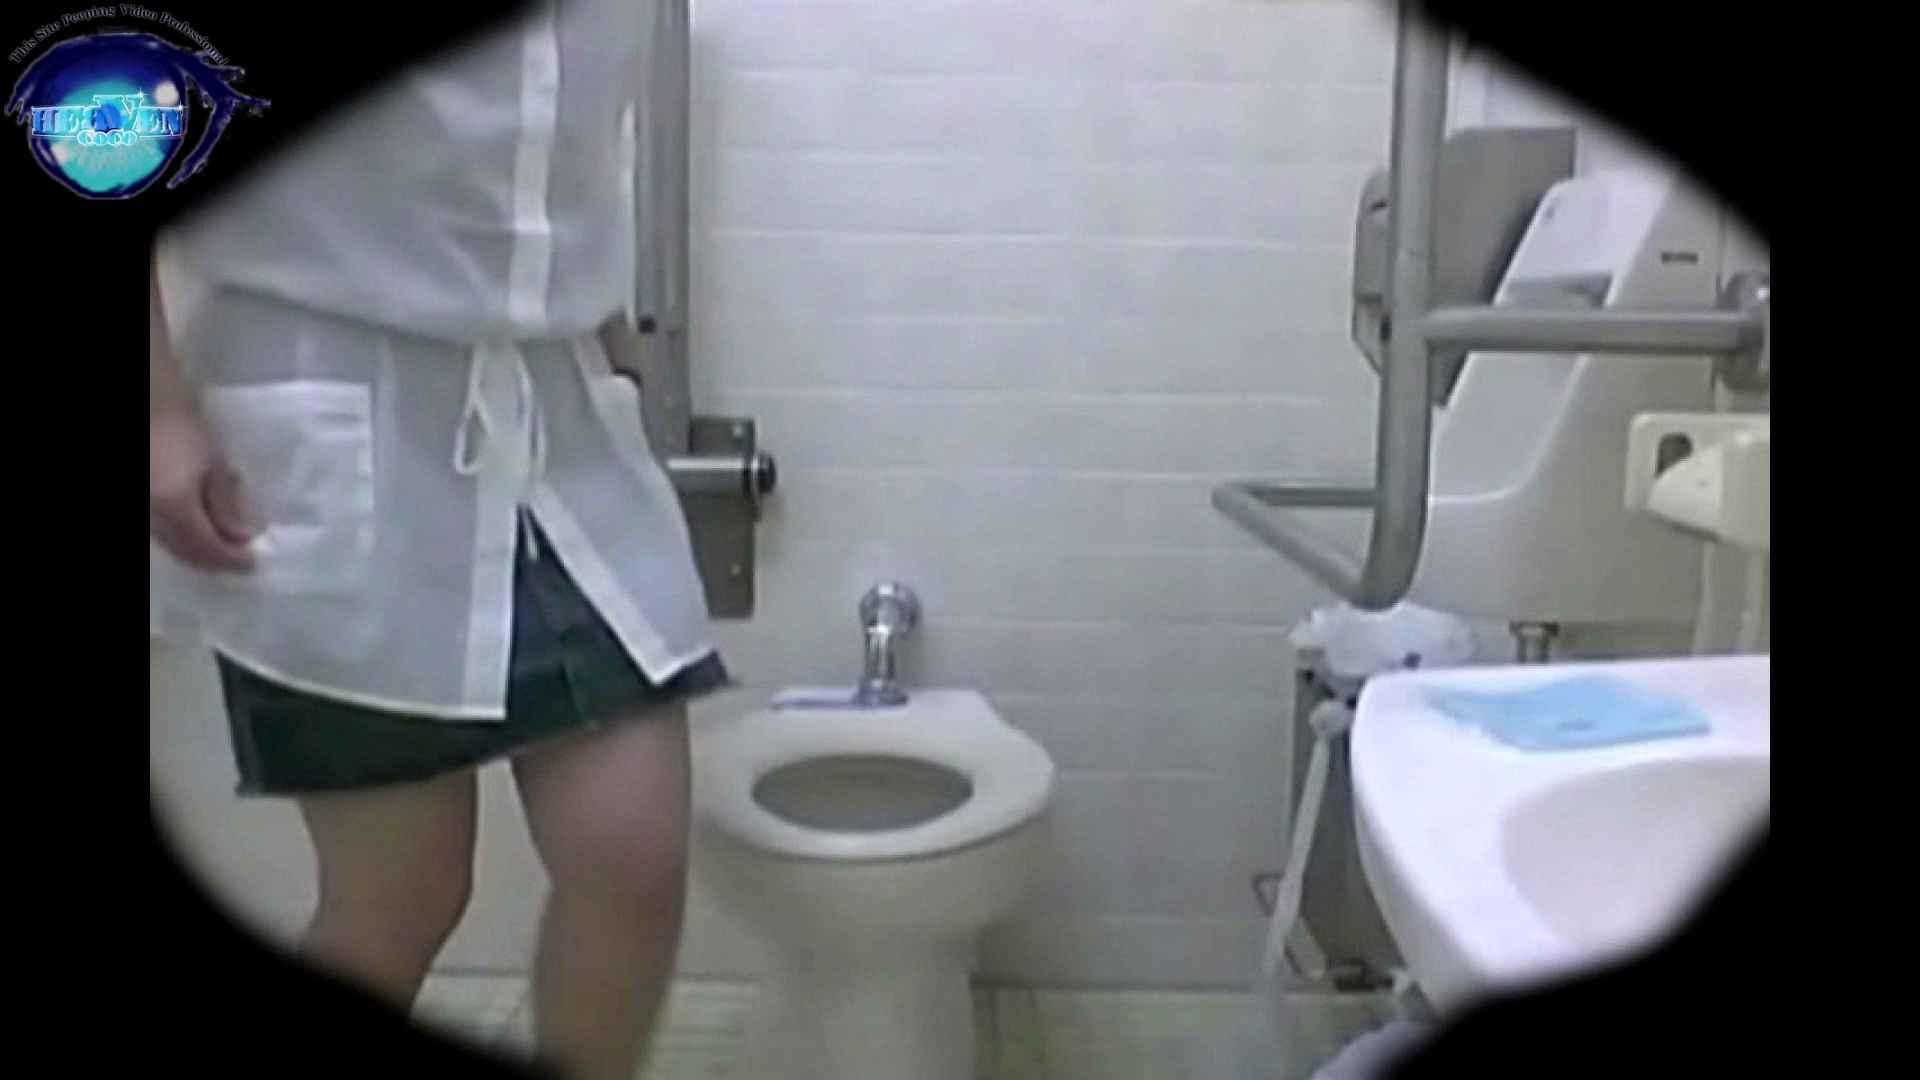 teen galトイレ覗き紙がナイ編‼vol.14 トイレの中まで エロ無料画像 9枚 5